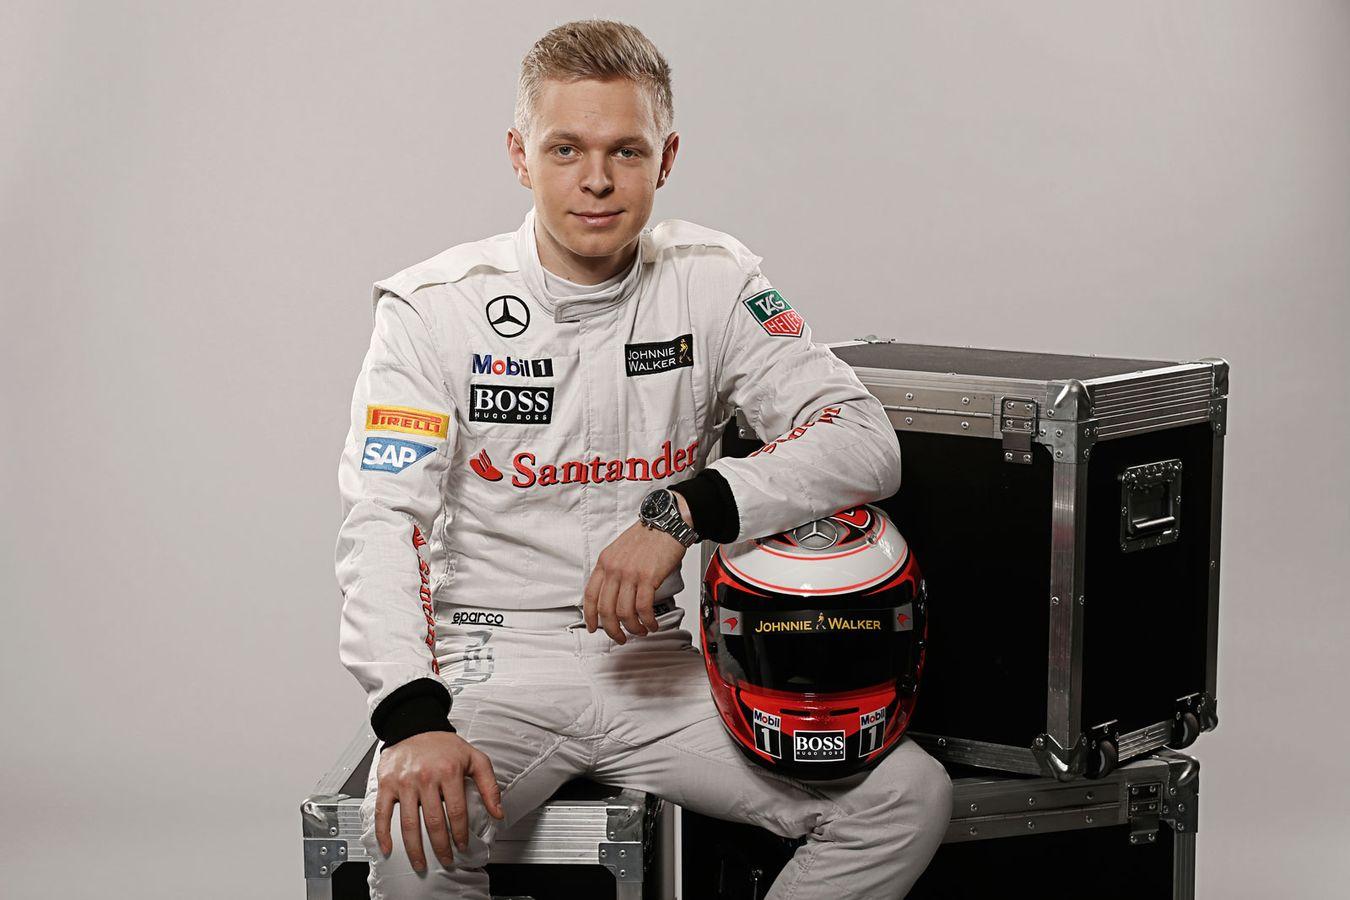 Magnussen nyerte a harmadik tesztnapot Jerezben a McLarennel, ismét kiütötte a technika a Red Bullt